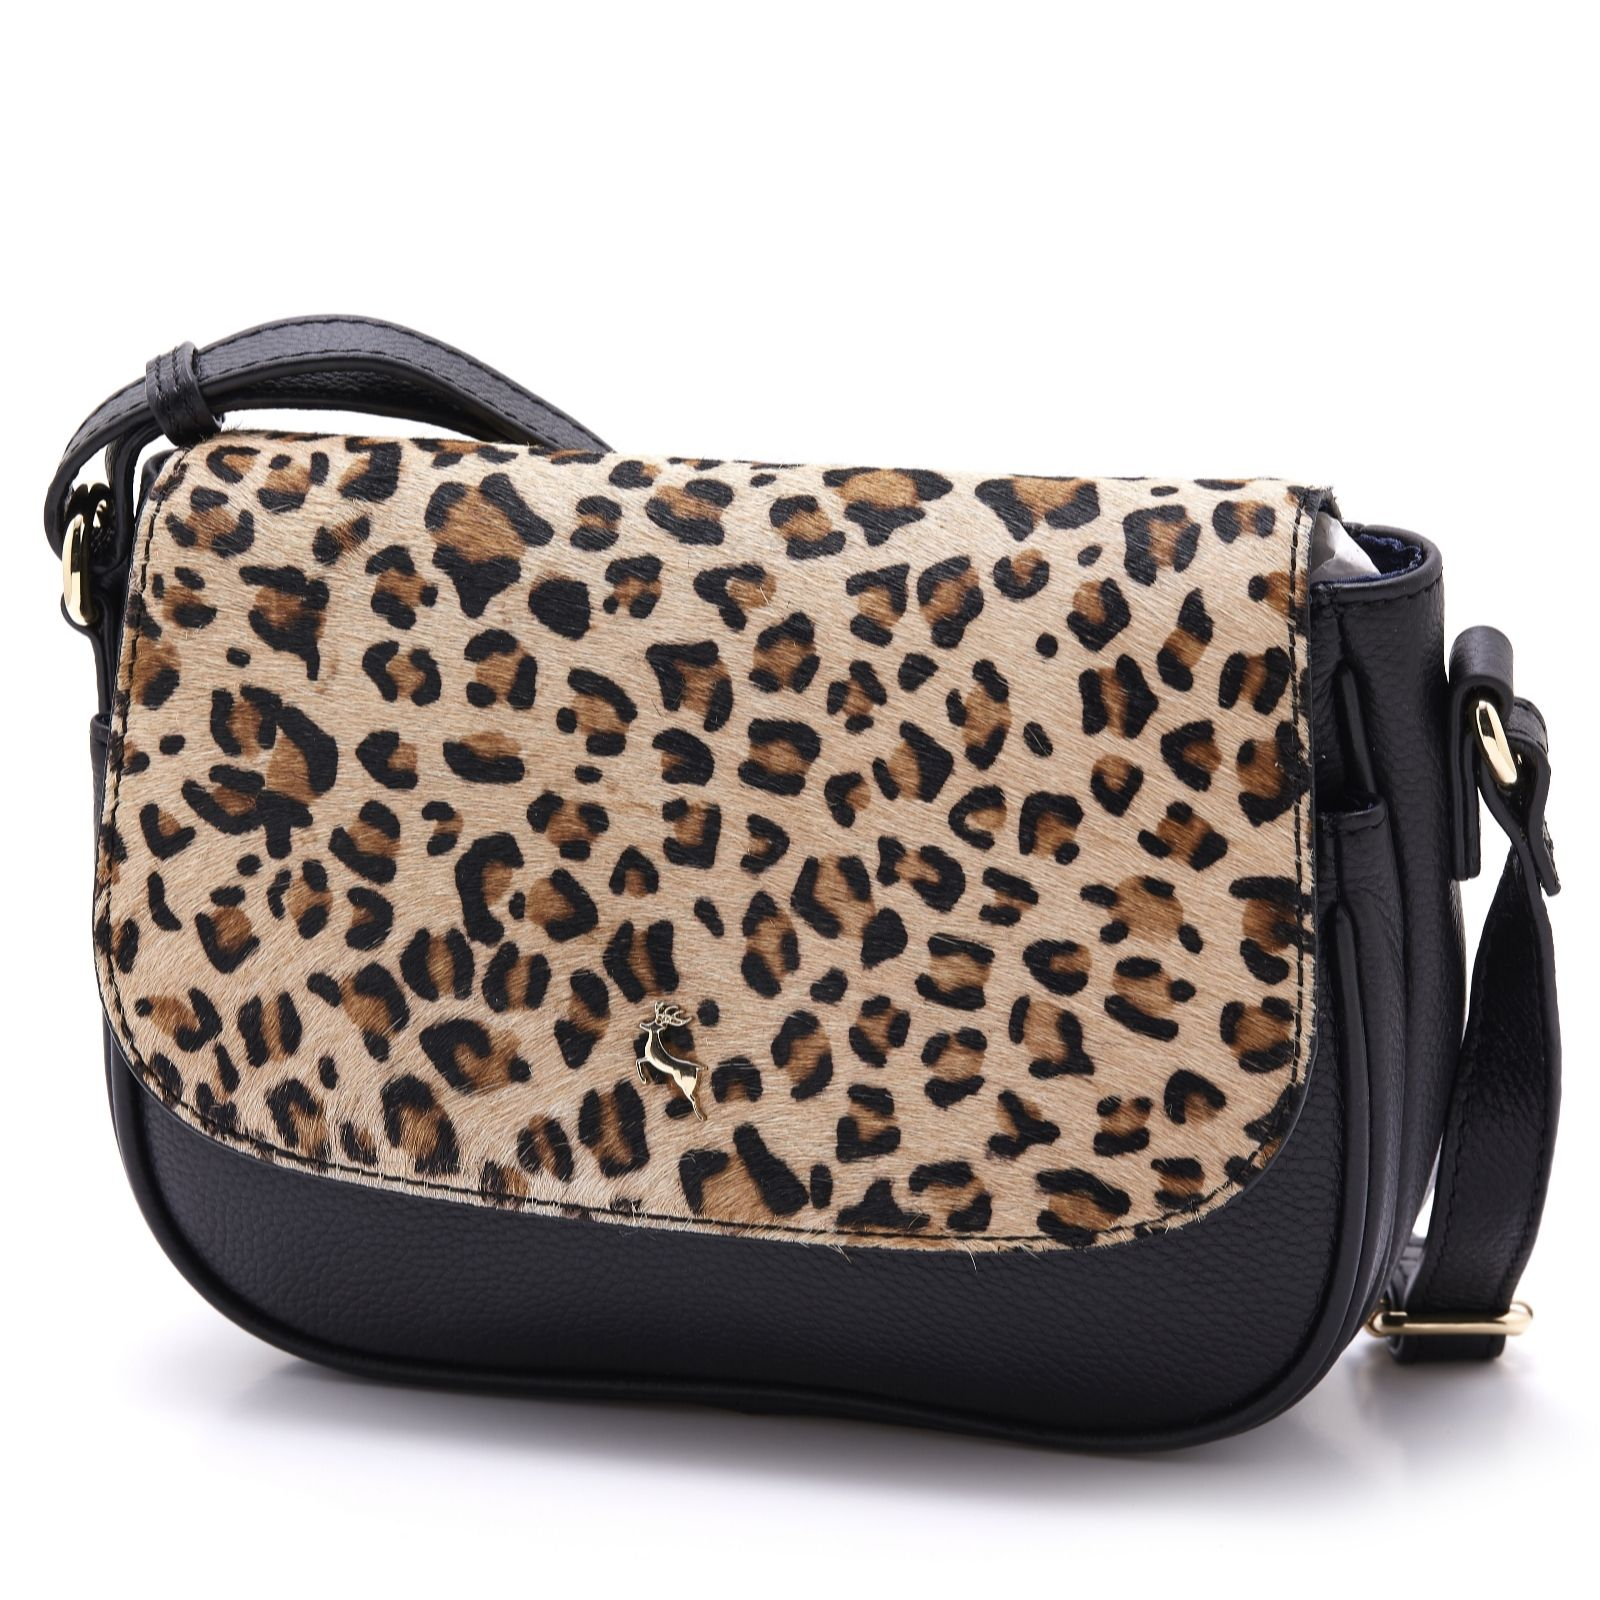 9a18bb1f597a Ashwood Leather Leopard Crossbody Bag - QVC UK